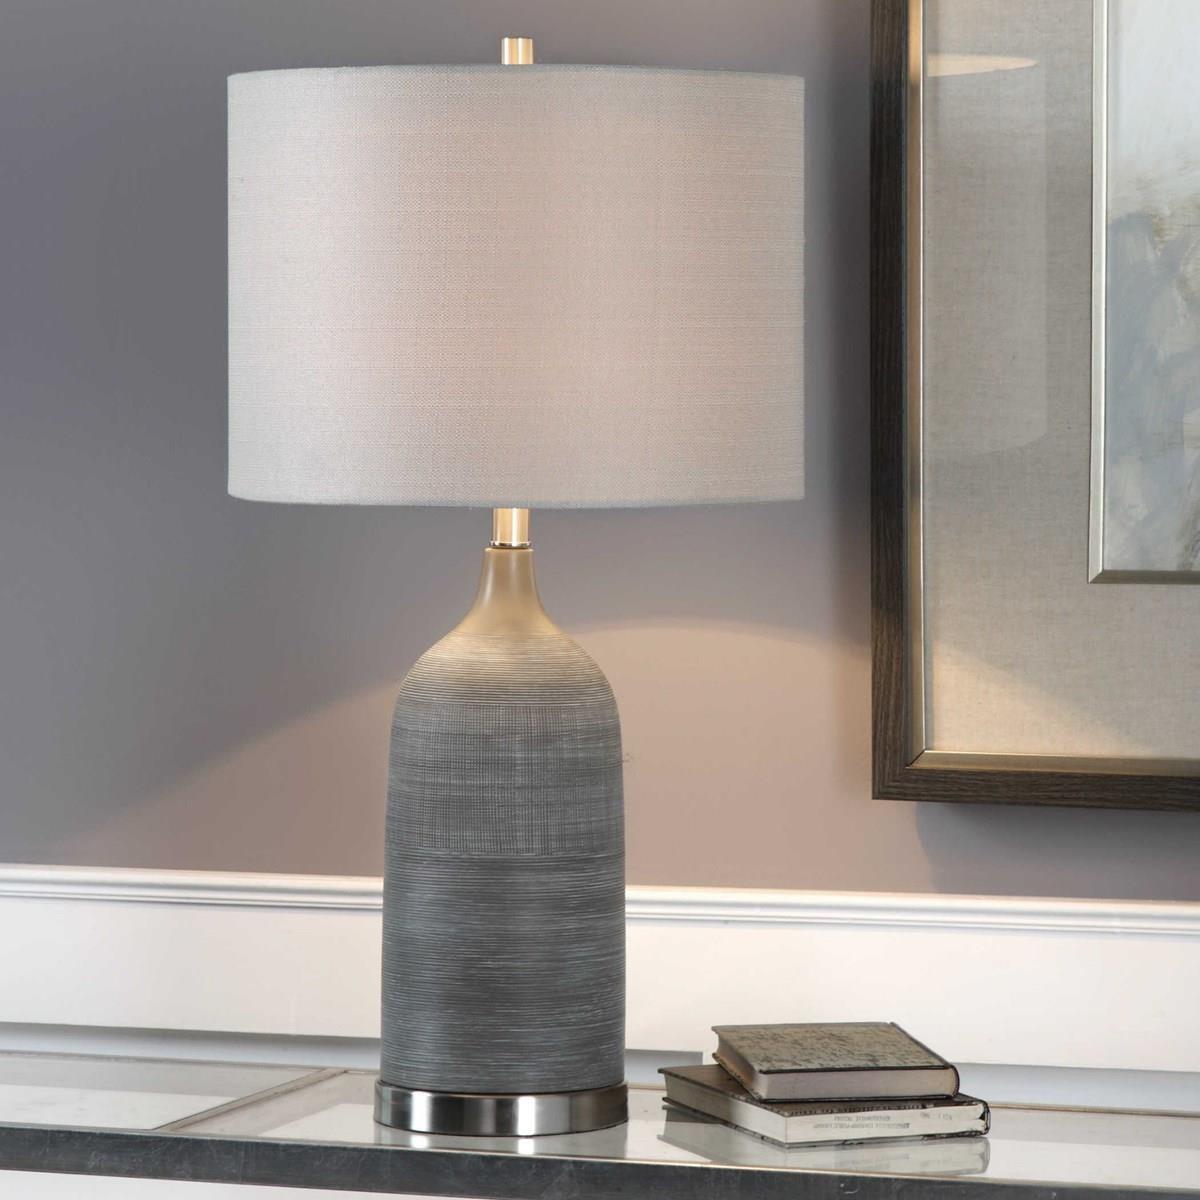 PEYTON TABLE LAMP